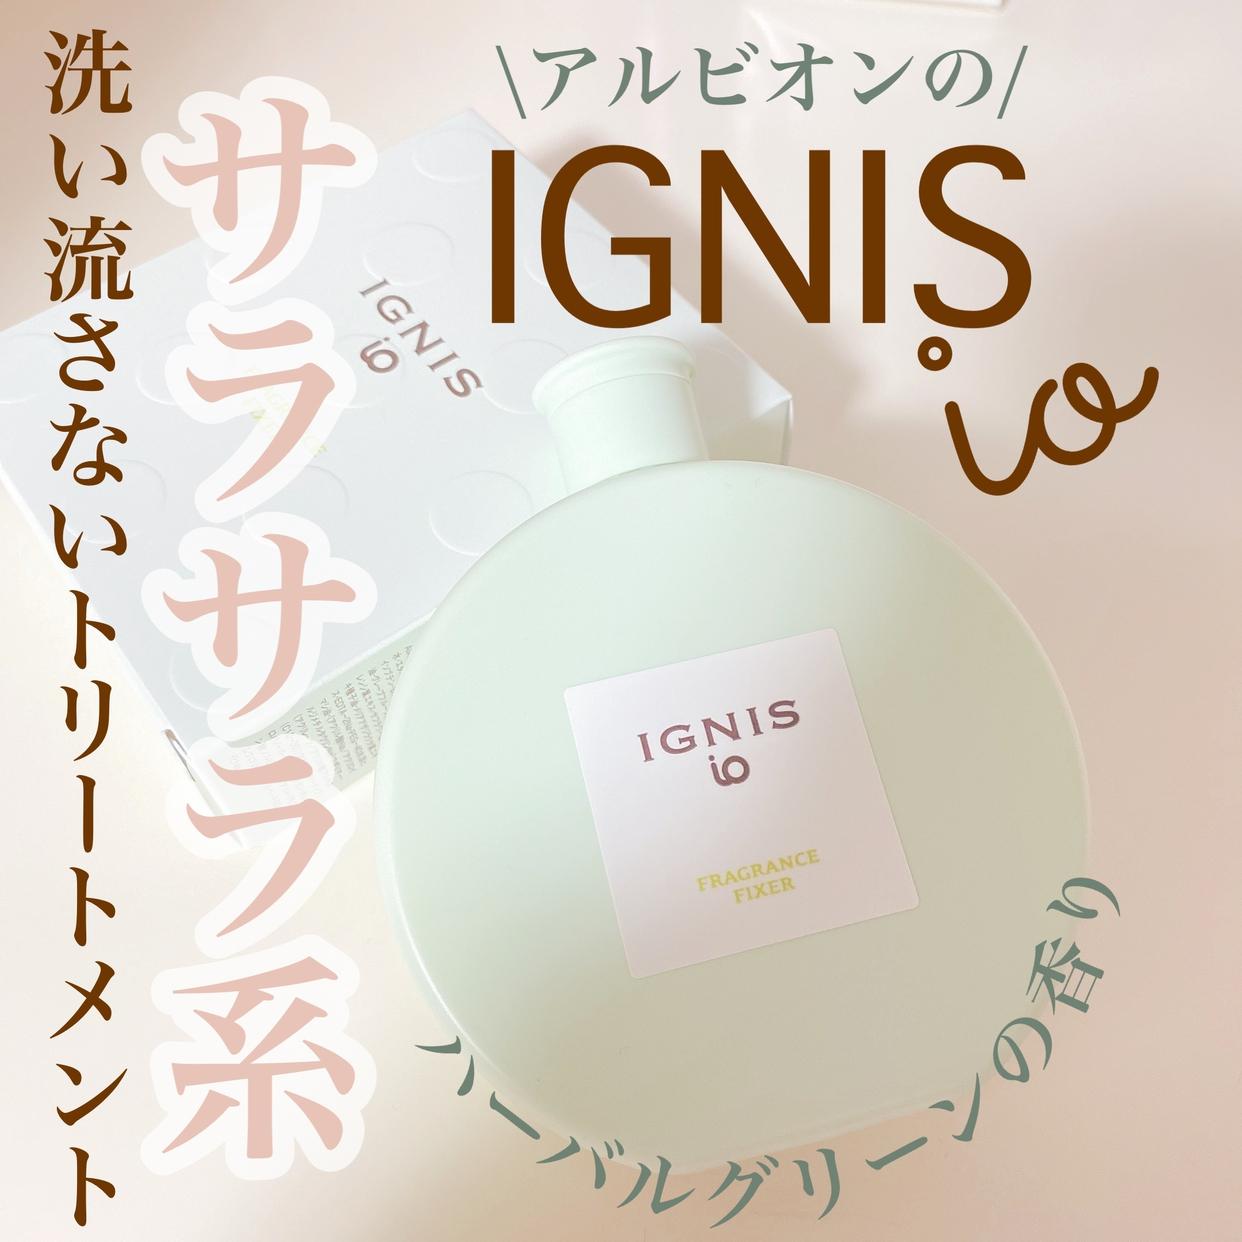 IGNIS(イグニス)イオ フレグランス フィクサーを使ったOLちゃんさんのクチコミ画像1